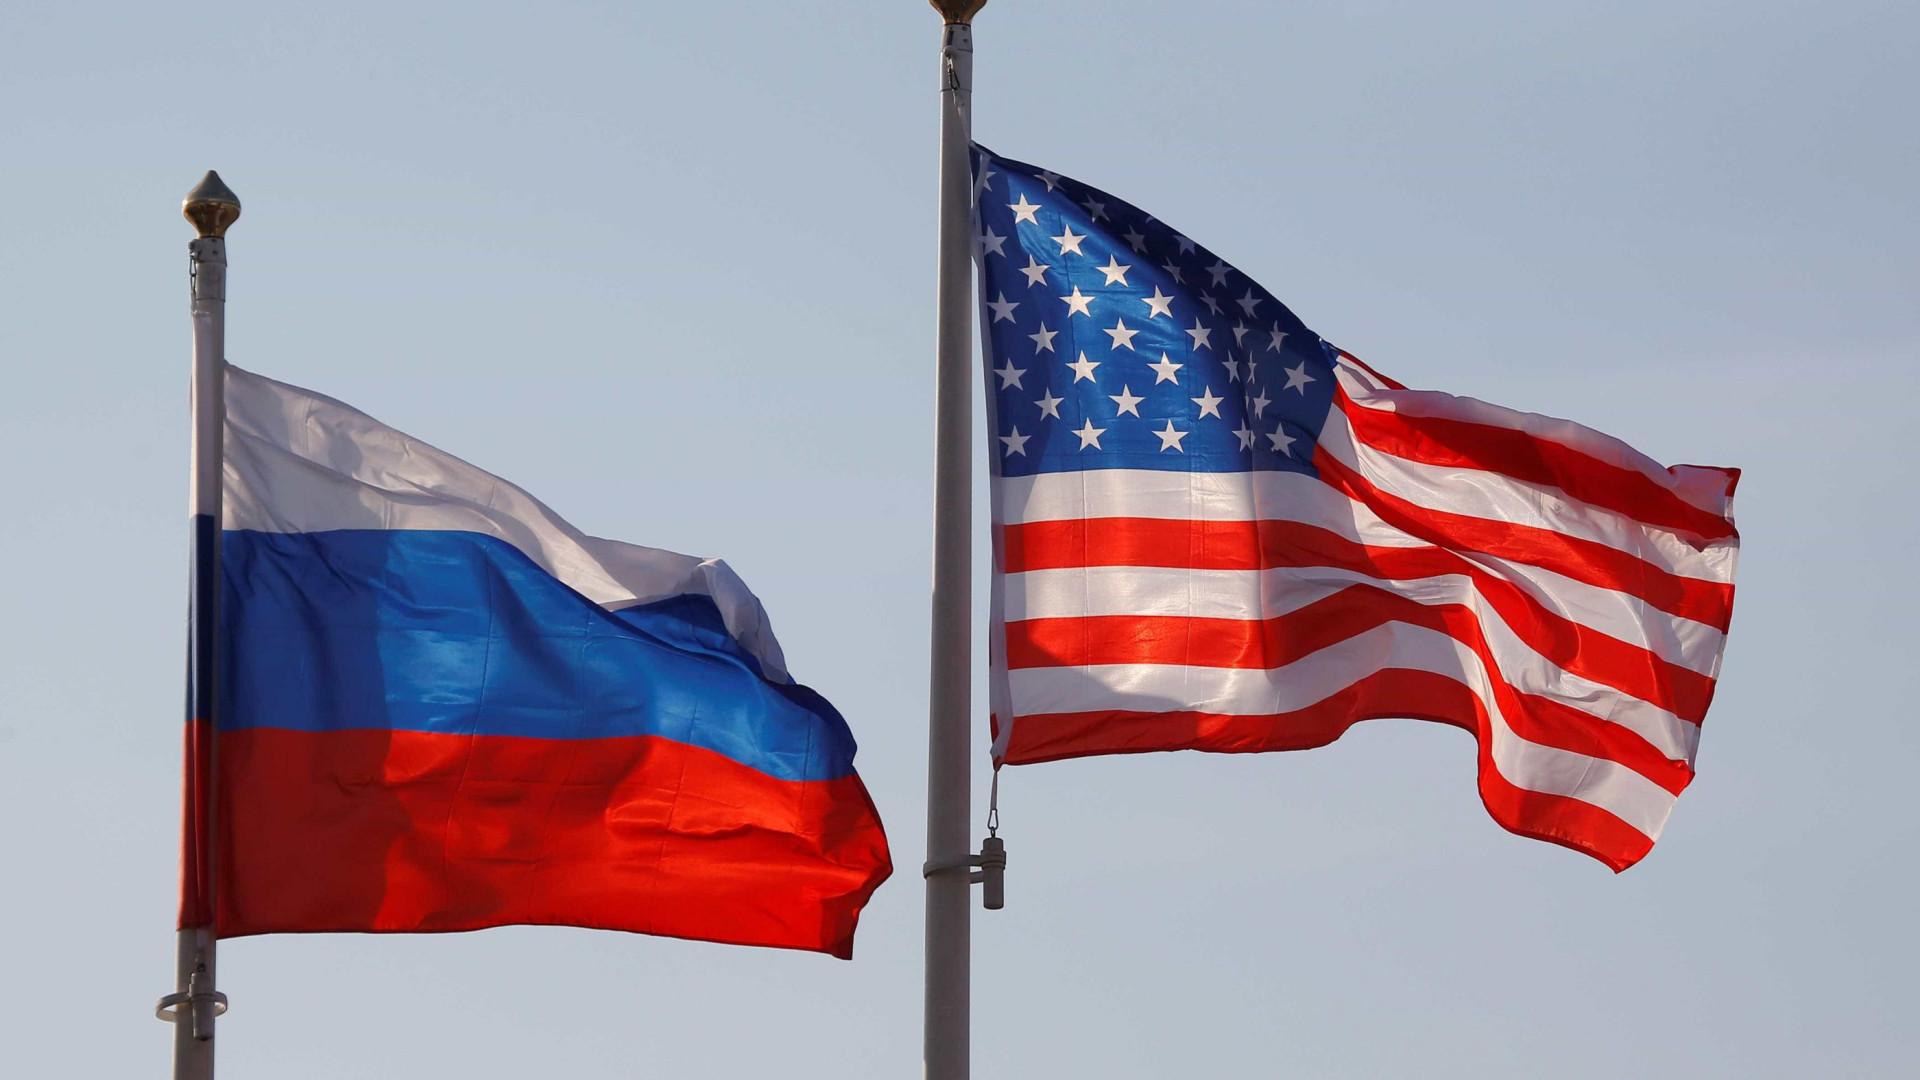 Senado dos EUA apoia avaliação da espionagem sobre ingerência russa